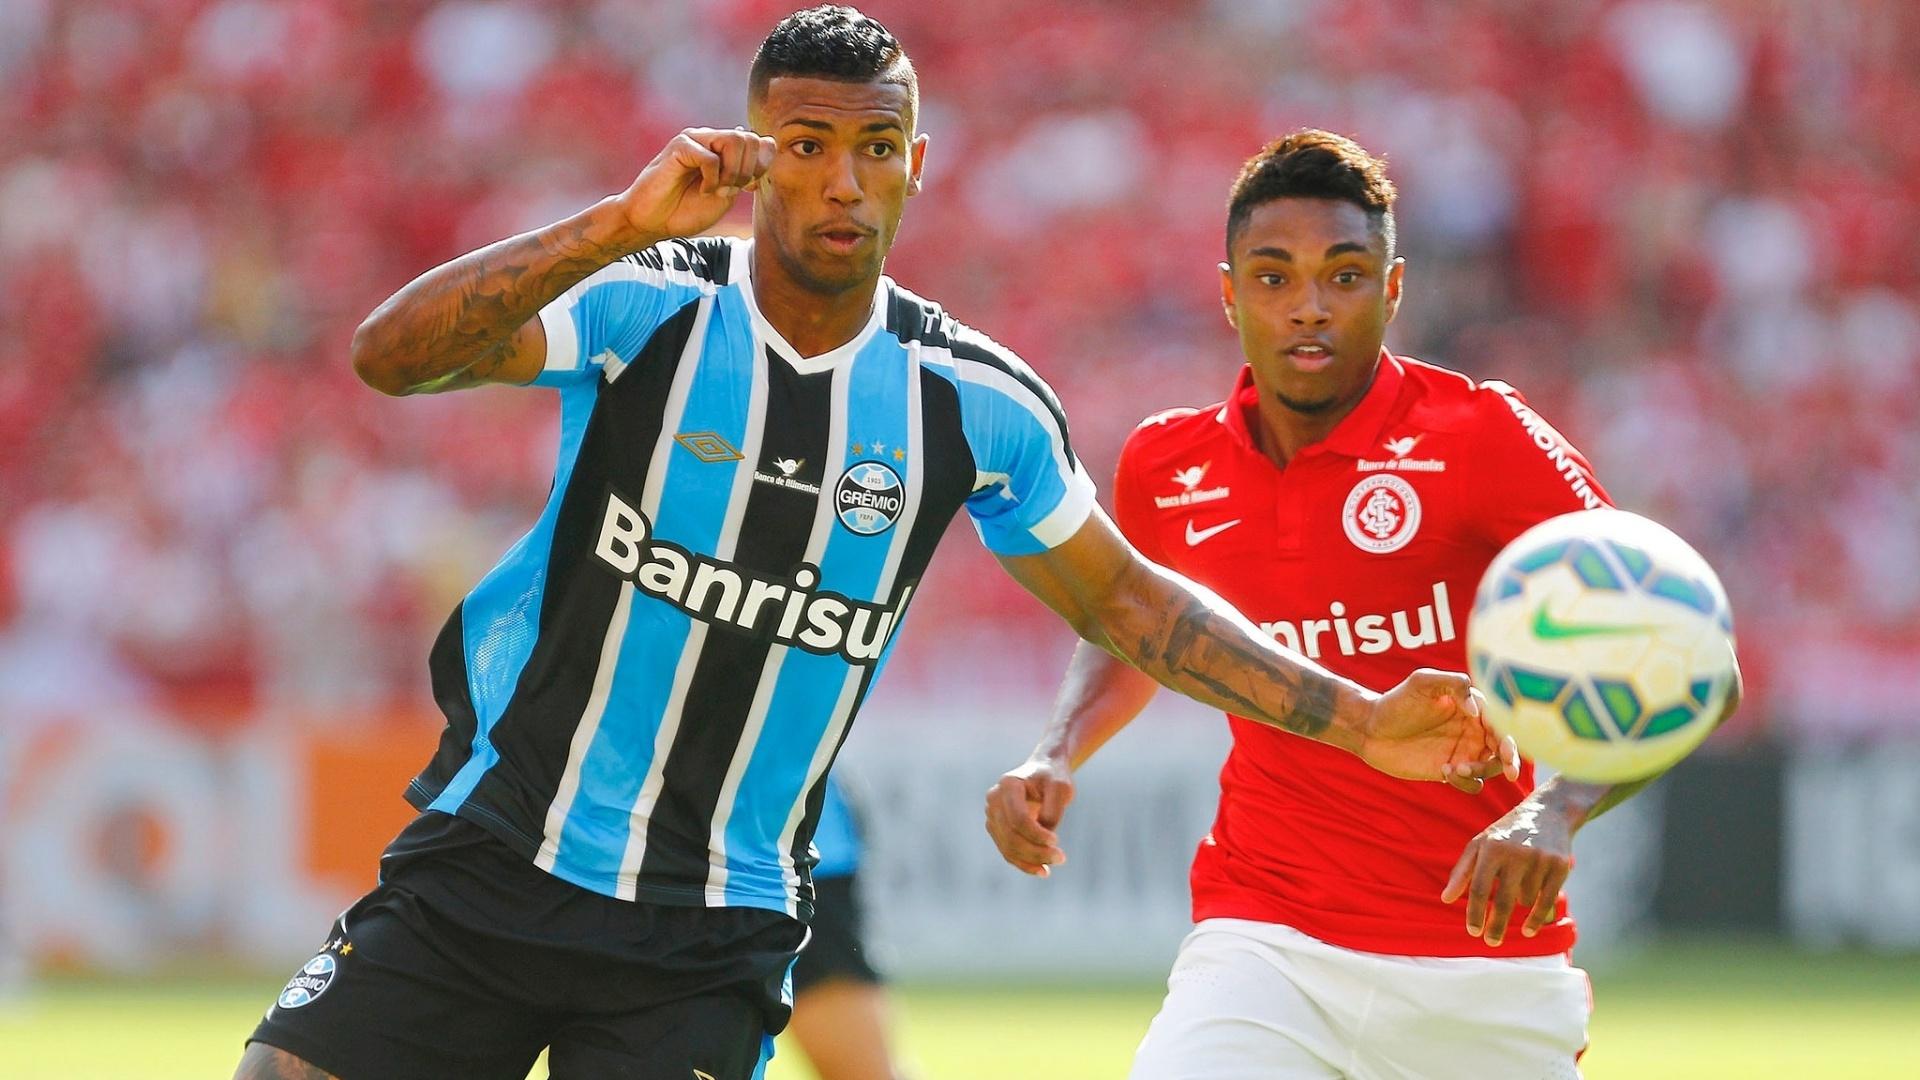 Wallace tenta dominar bola para o Grêmio contra o Internacional no Campeonato Brasileiro